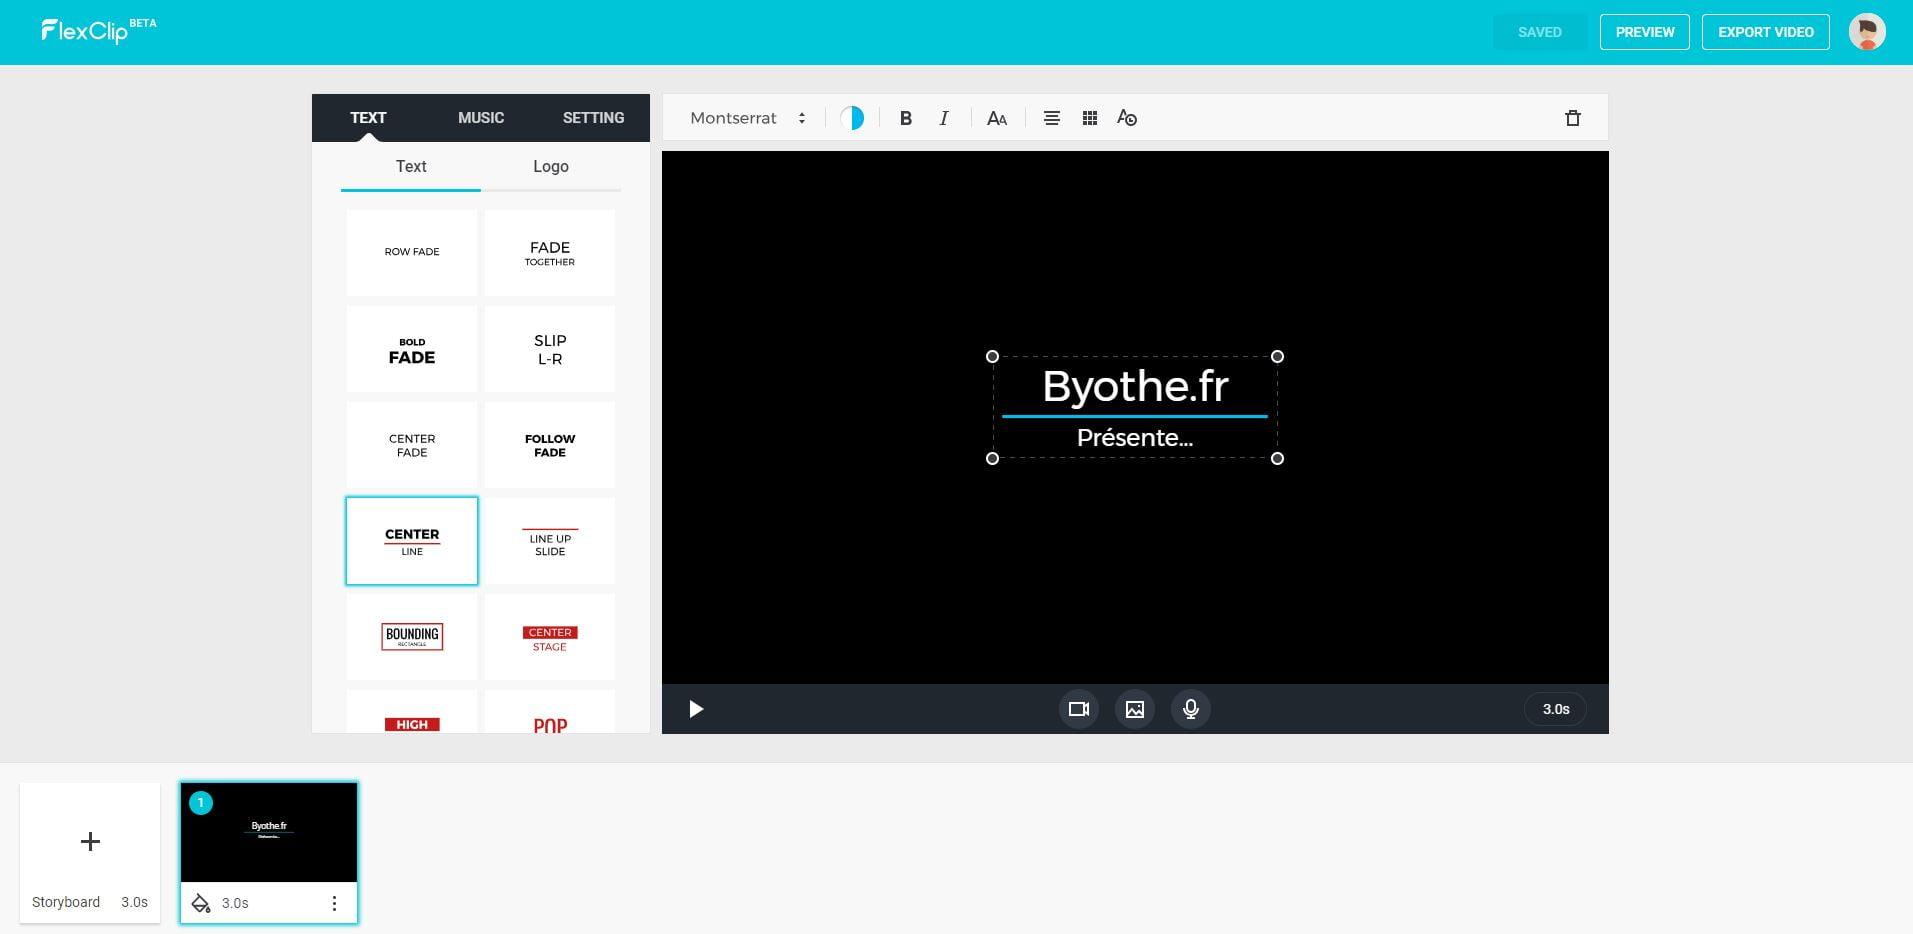 flexclip-montage-video-en-ligne FlexClip permet de réaliser gratuitement des montages vidéo en ligne